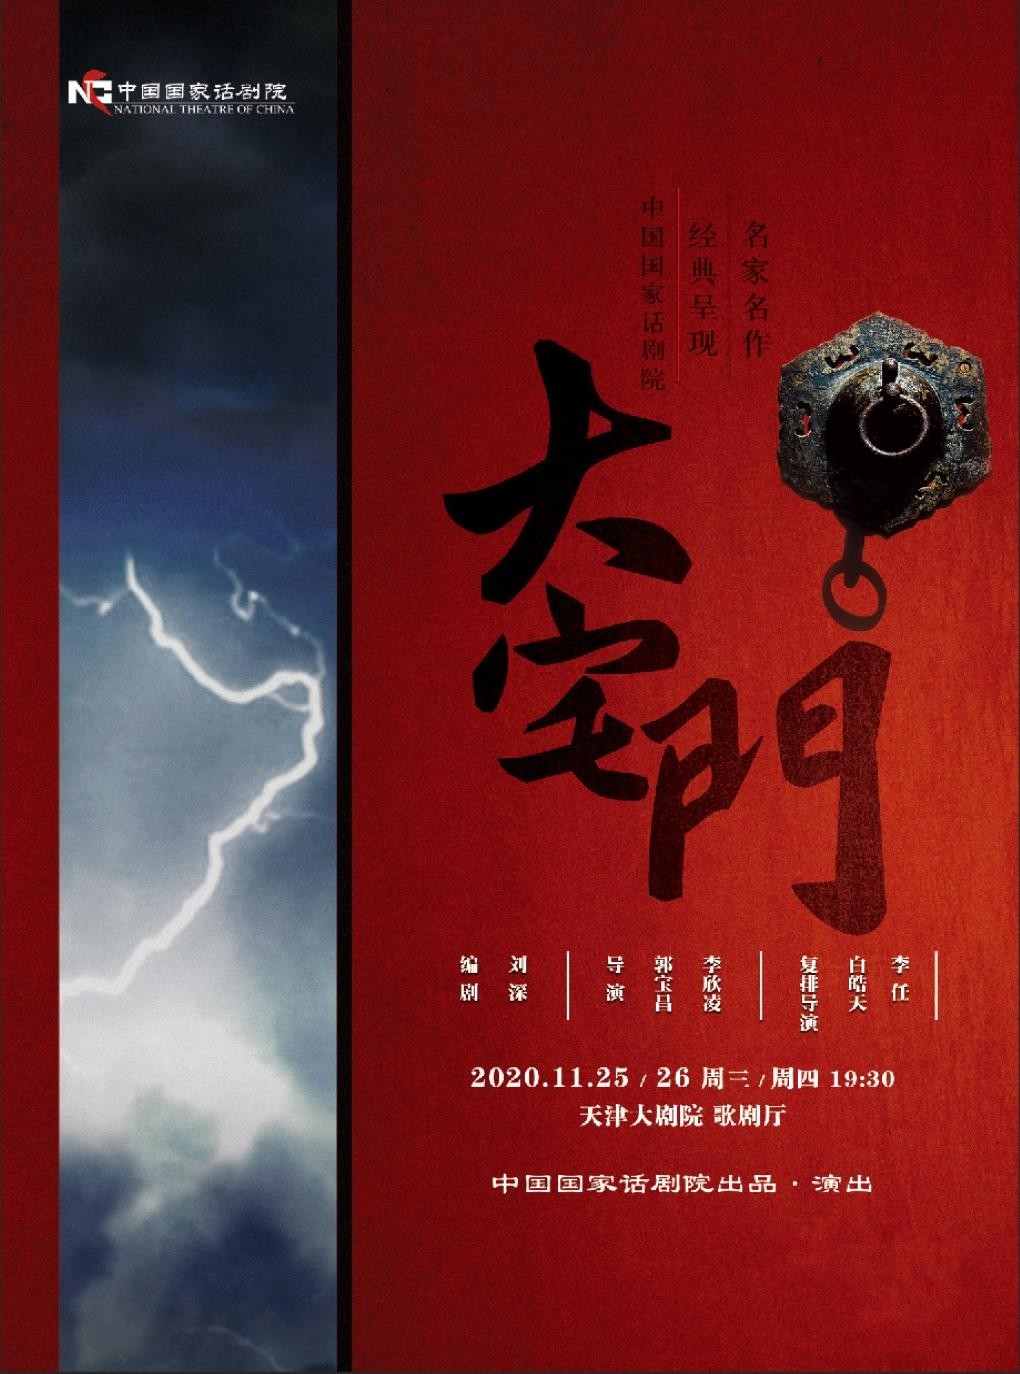 中国国家话剧院话剧 《大宅门》